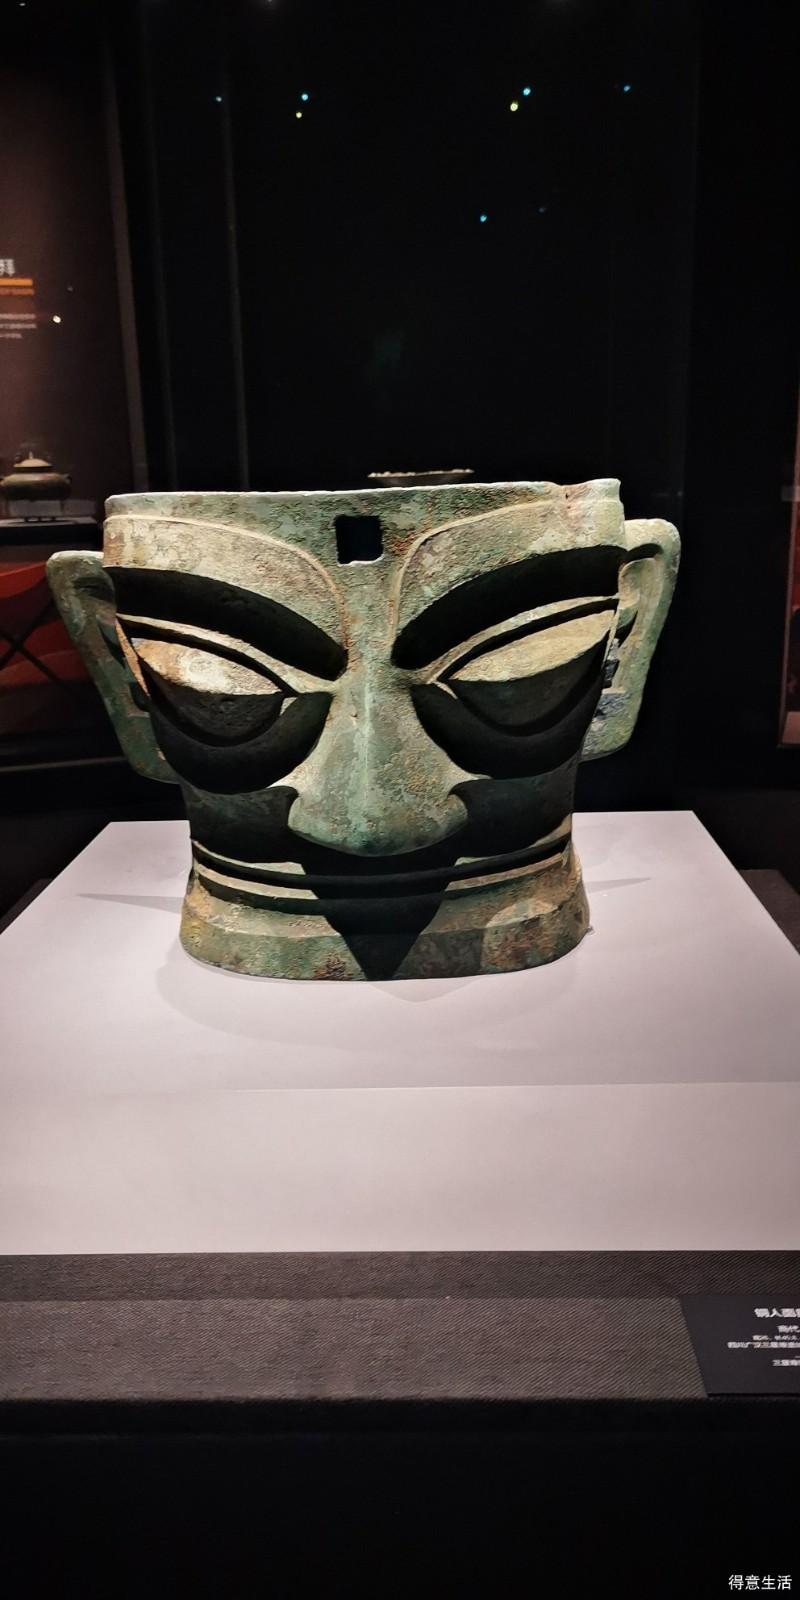 一个人游盘龙城遗址博物馆,近距离看三星堆面具很震撼!